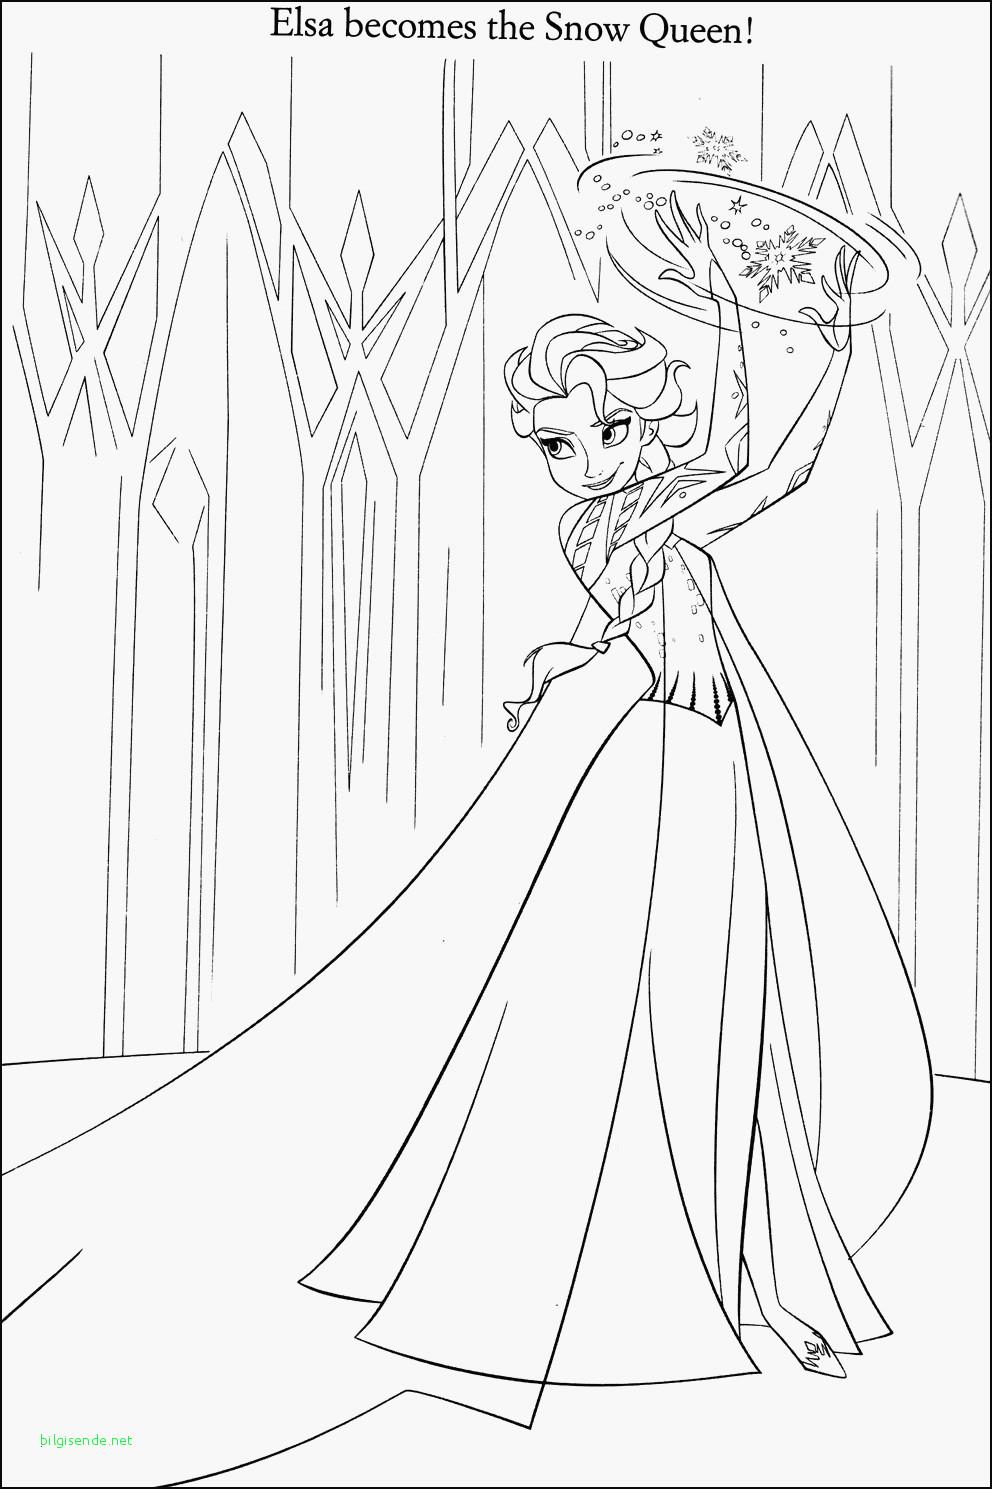 Malvorlagen Elsa Und Anna Frisch New Disney Princess Coloring Pages Frozen Elsa Schön Frozen Sammlung